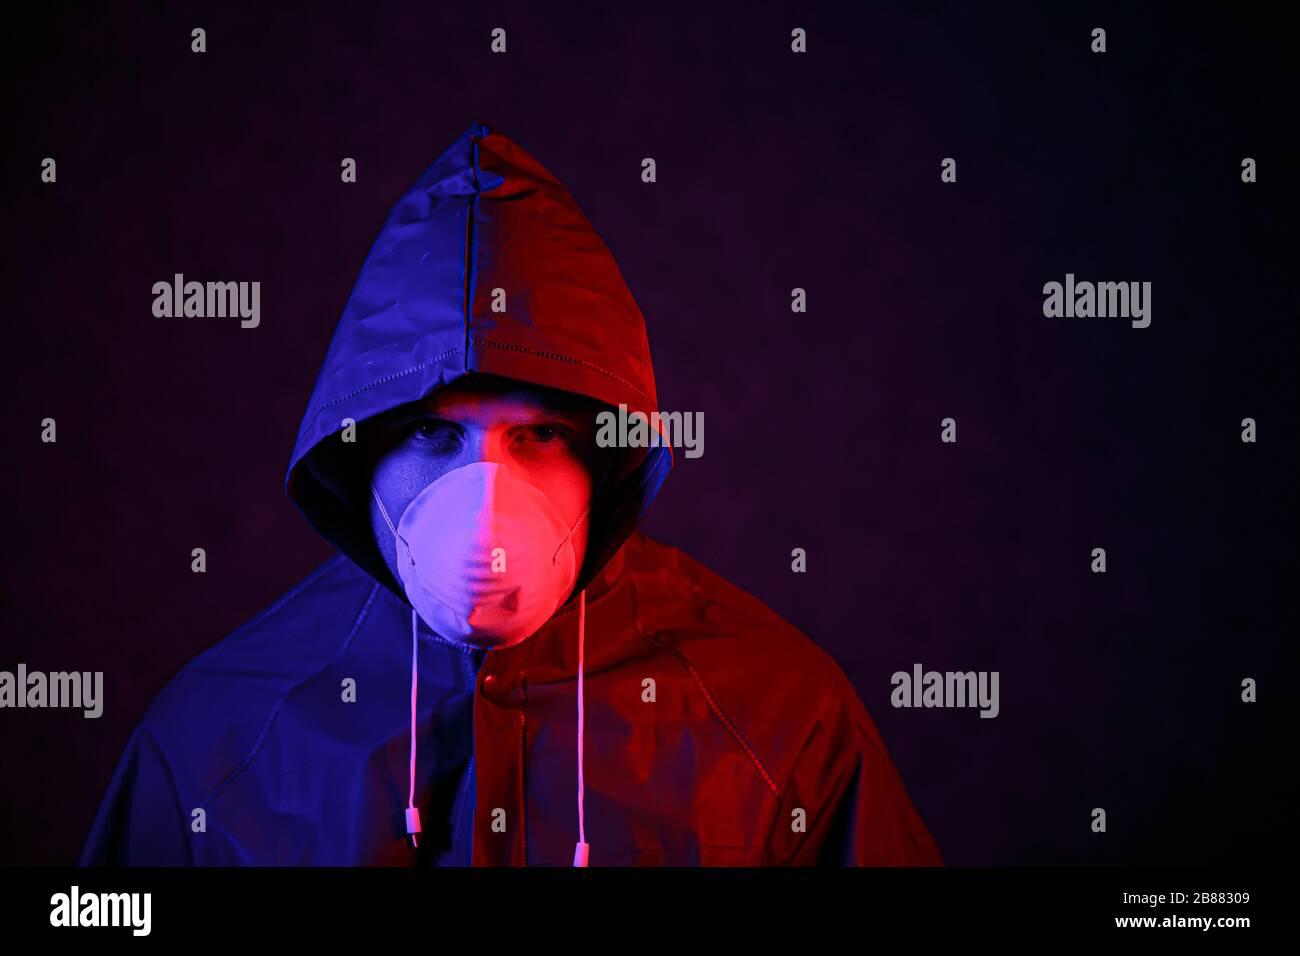 Coronavirus. Un uomo in maschera e tuta di protezione chimica in luce rossa e blu. Lotta contro il virus Foto Stock